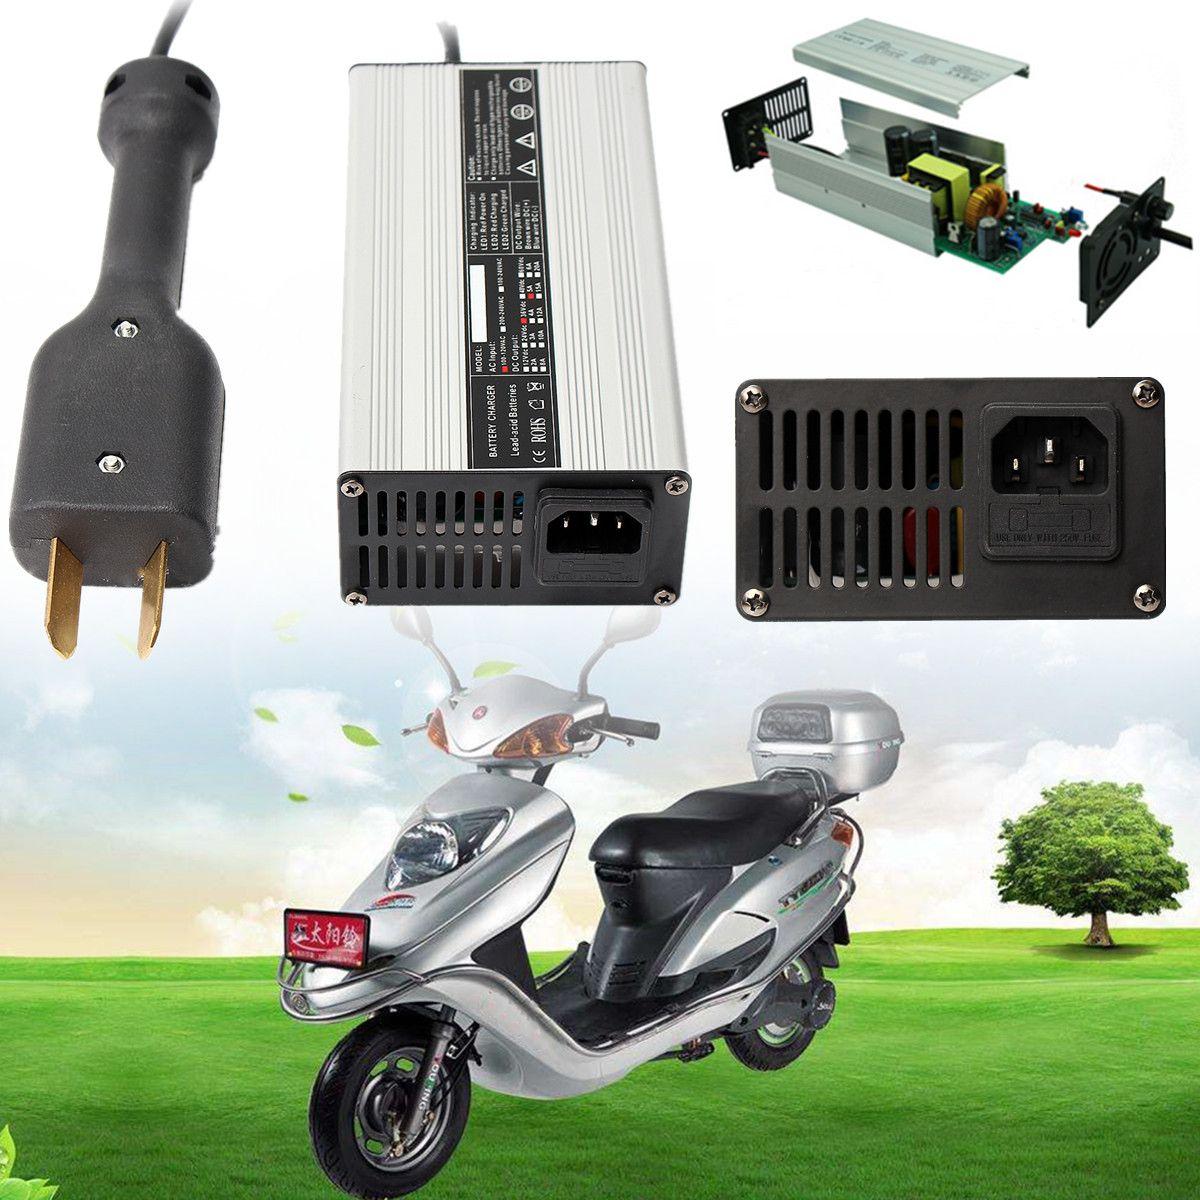 36 V 5A batterie au lithium Chargeur Automatique voiturette de golf Pour voiture Électrique En Aluminium 100% à Pleine Charge Burn-in Test Charge 4- 6 heures